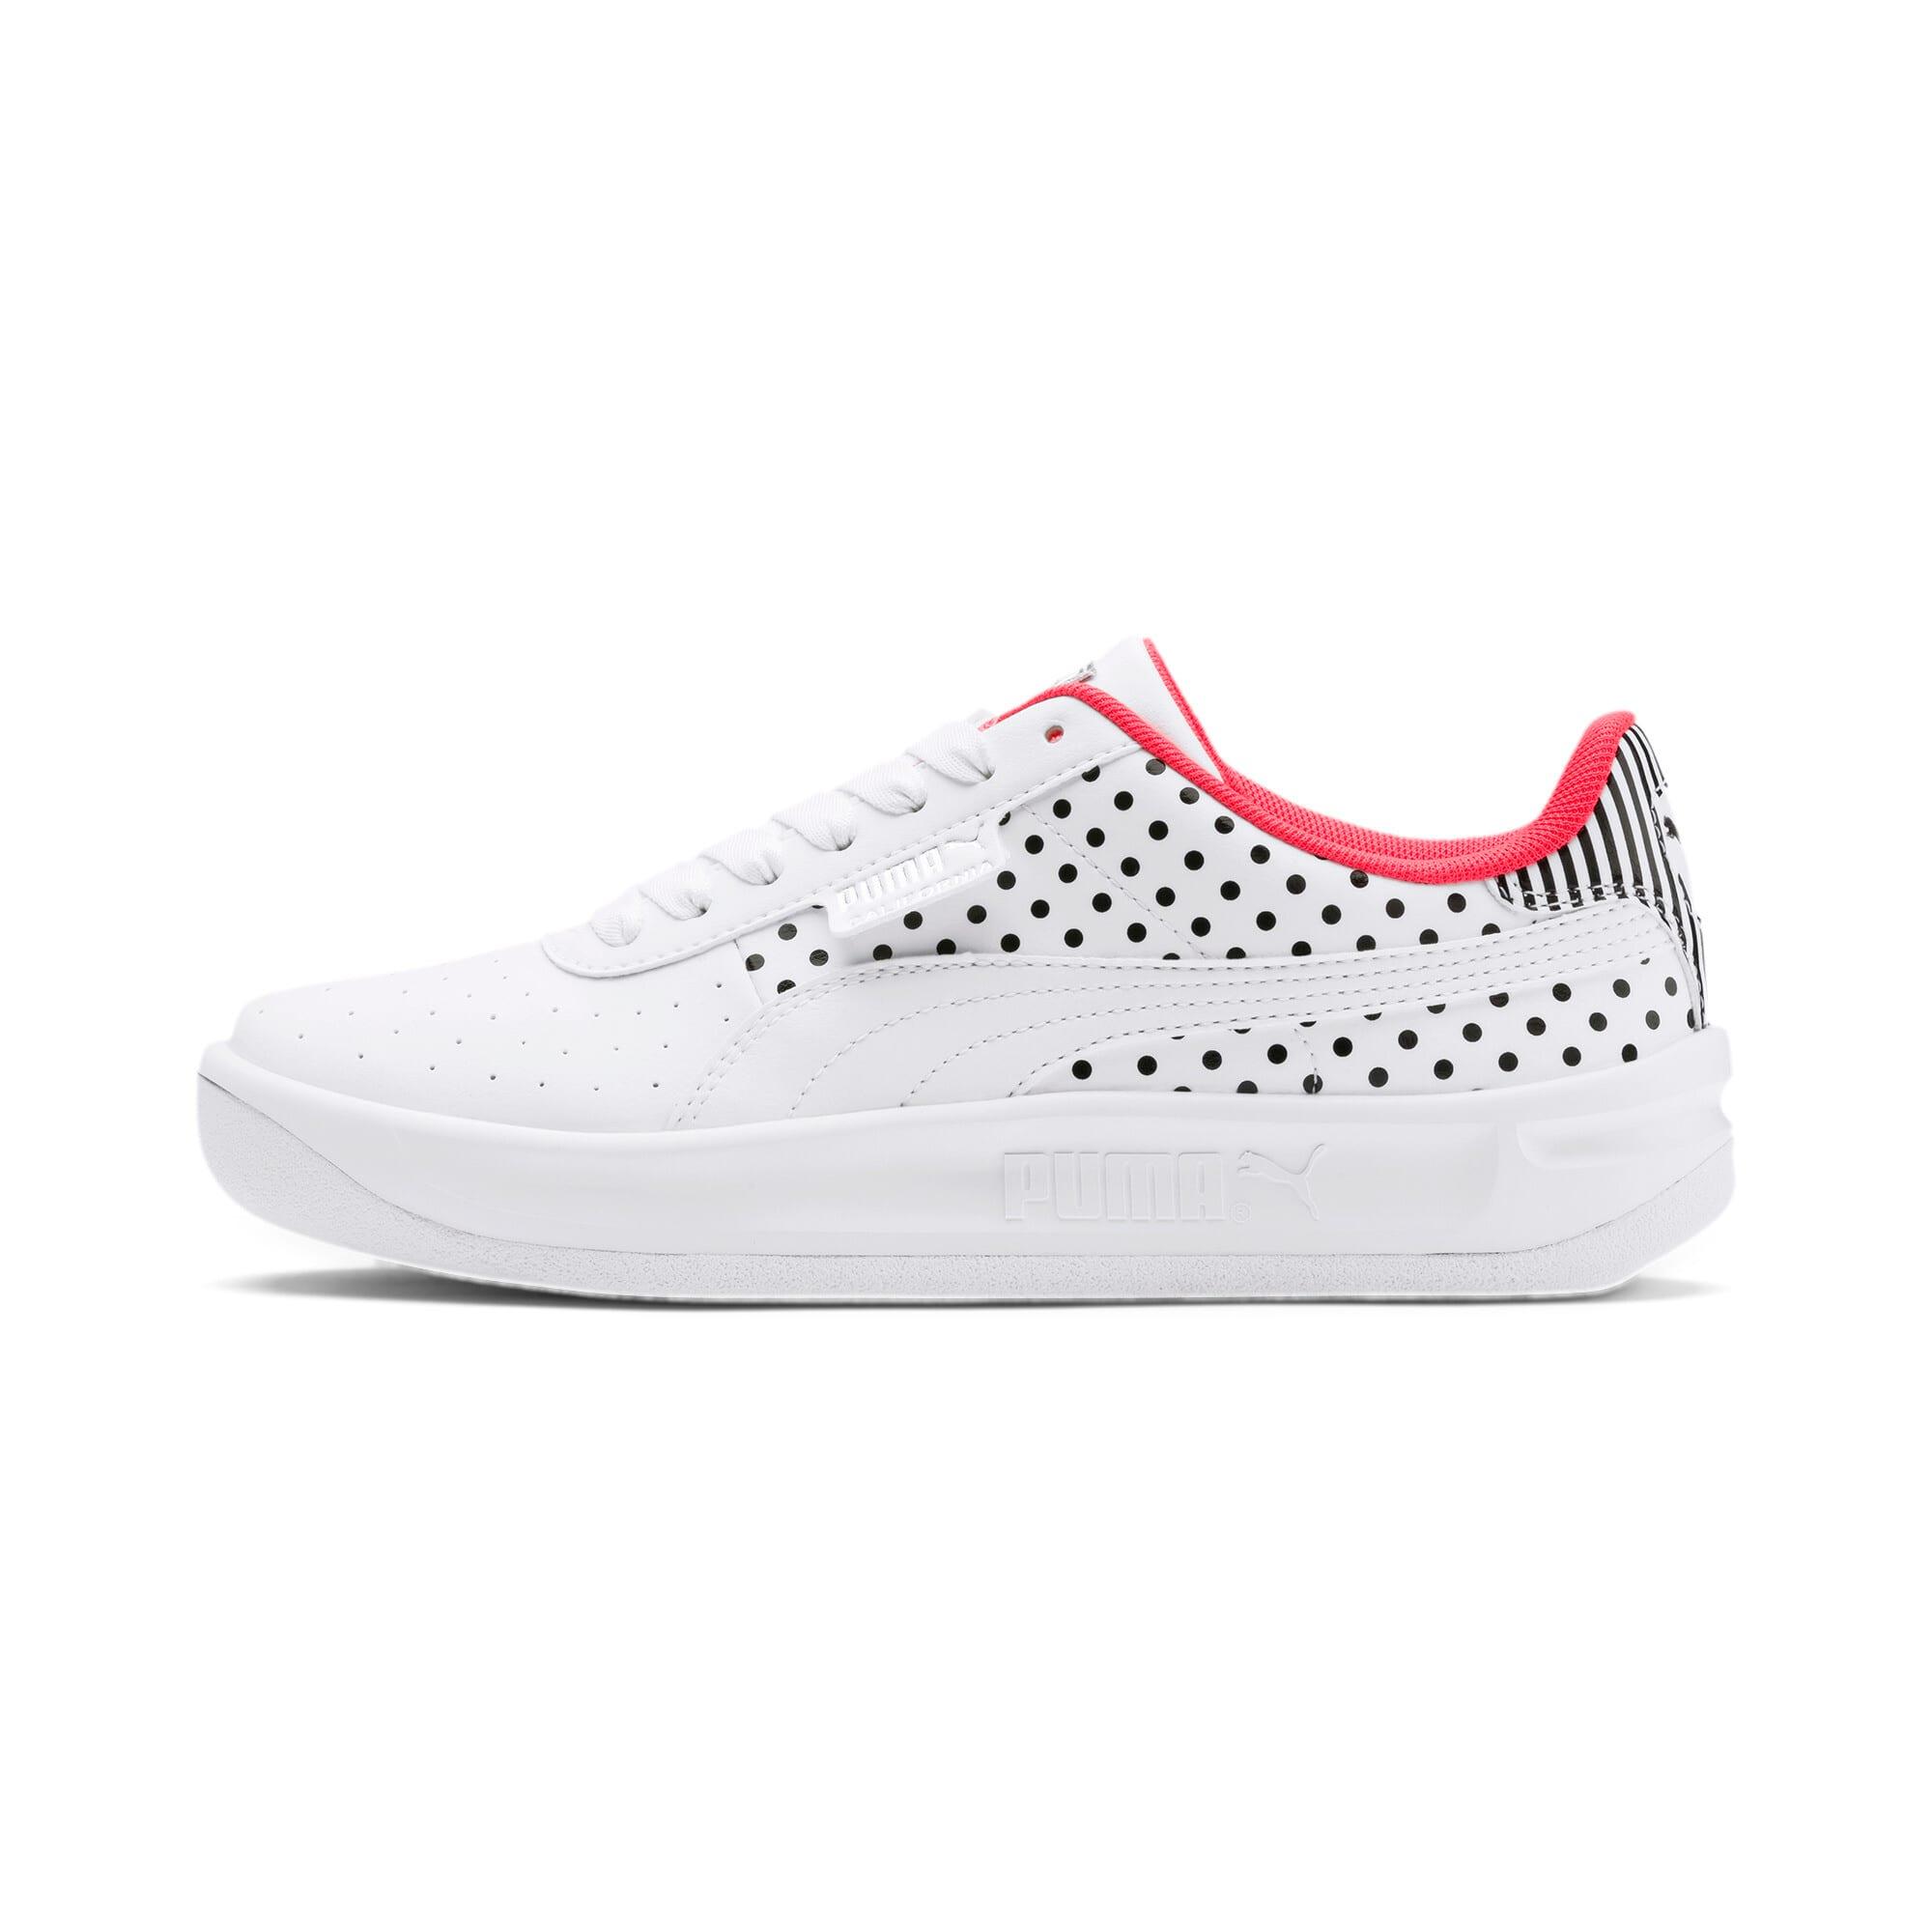 Miniatura 1 de Zapatos deportivosCalifornia Remix para mujer, Puma White-Puma Black, mediano